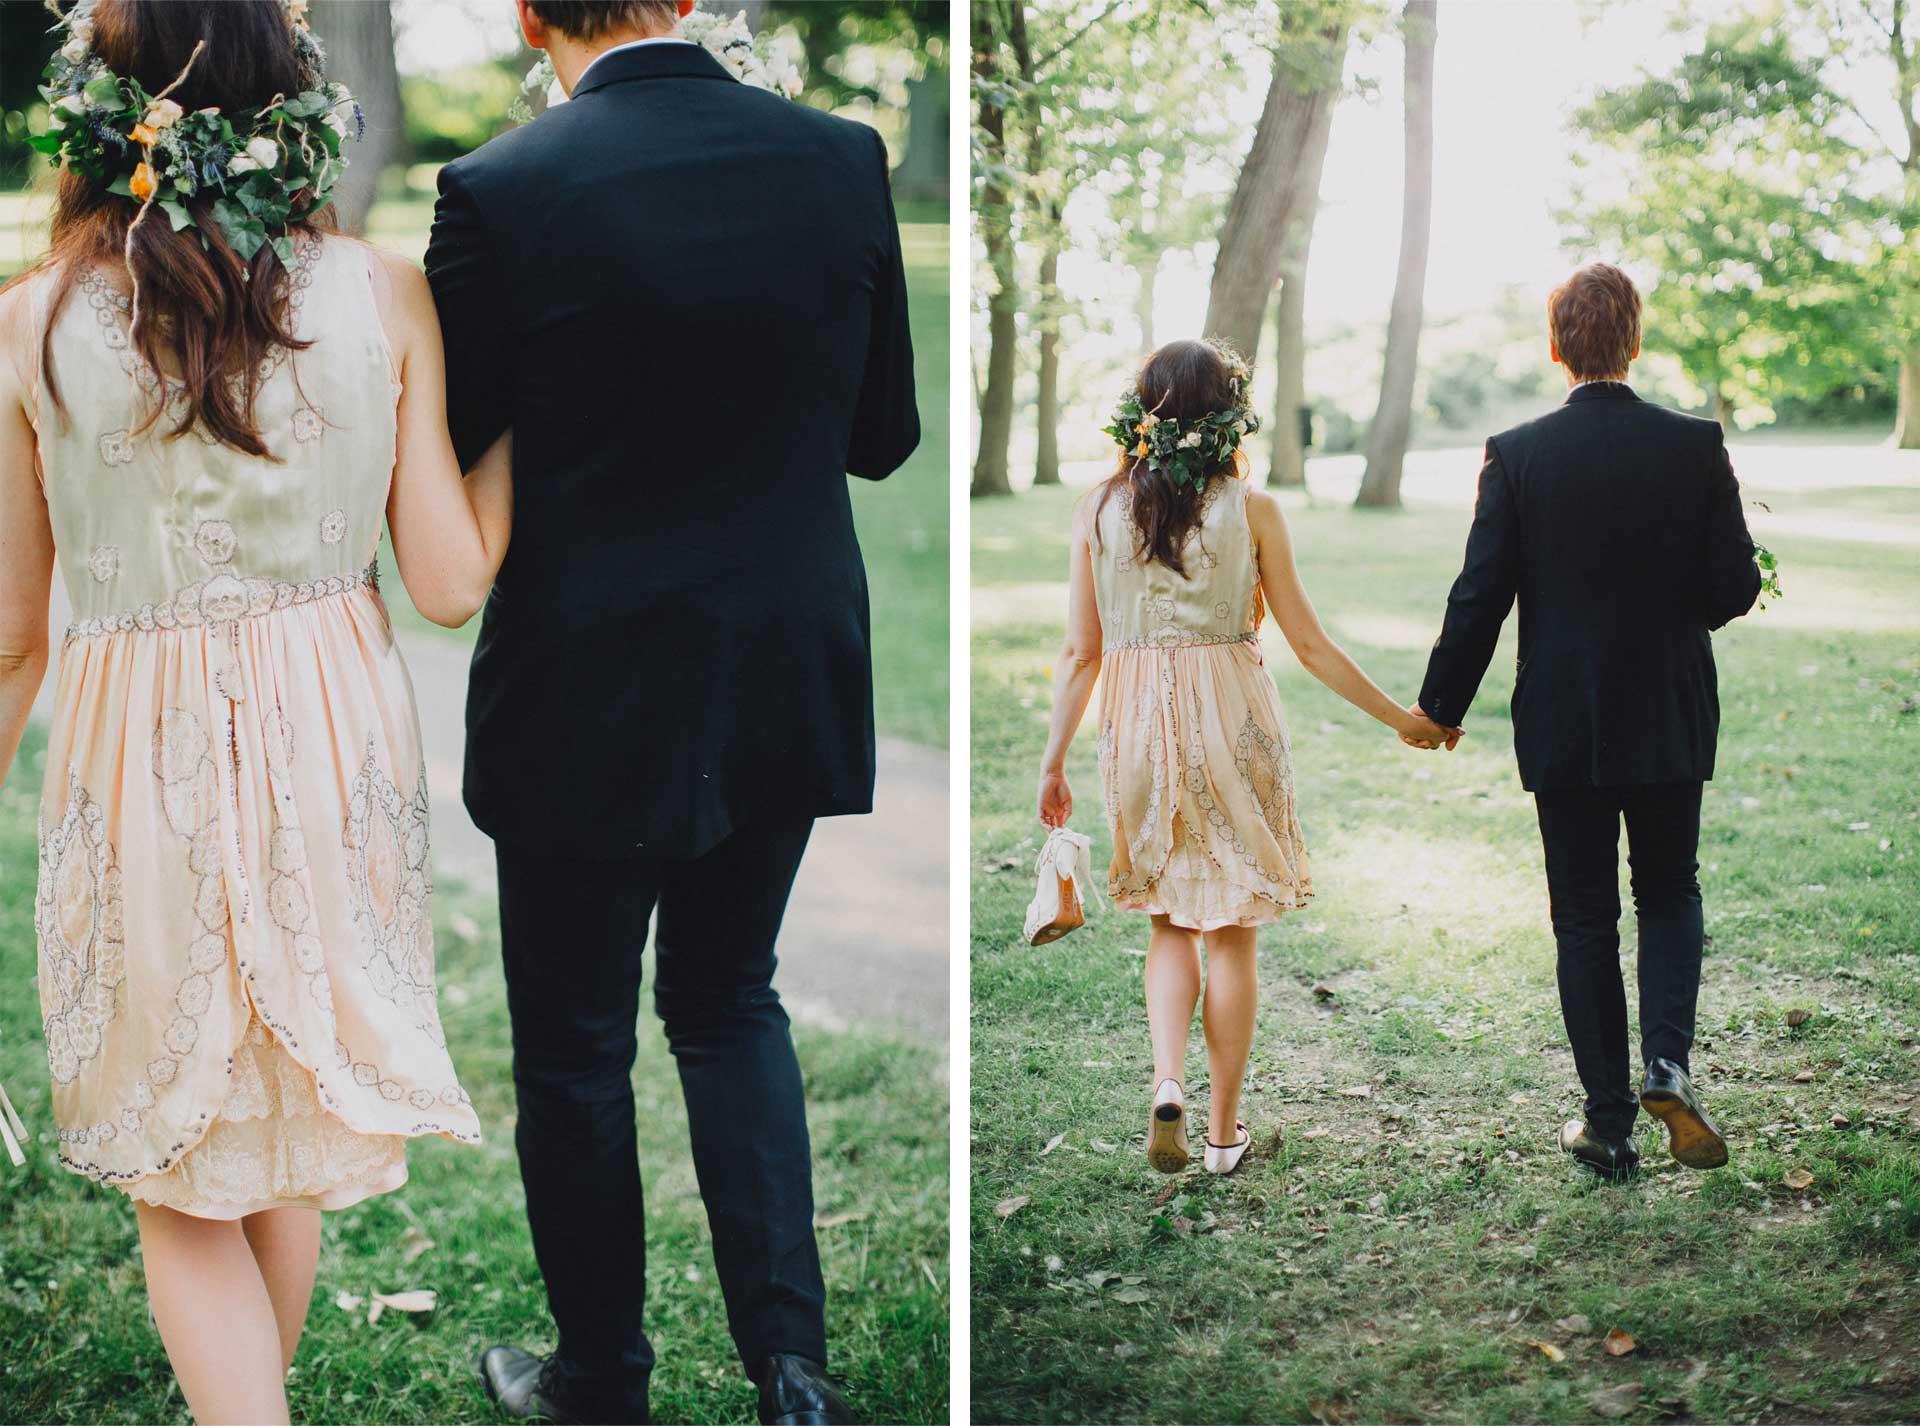 Megan-Paul-Ohio-English-Garden-Wedding-106@2x.jpg